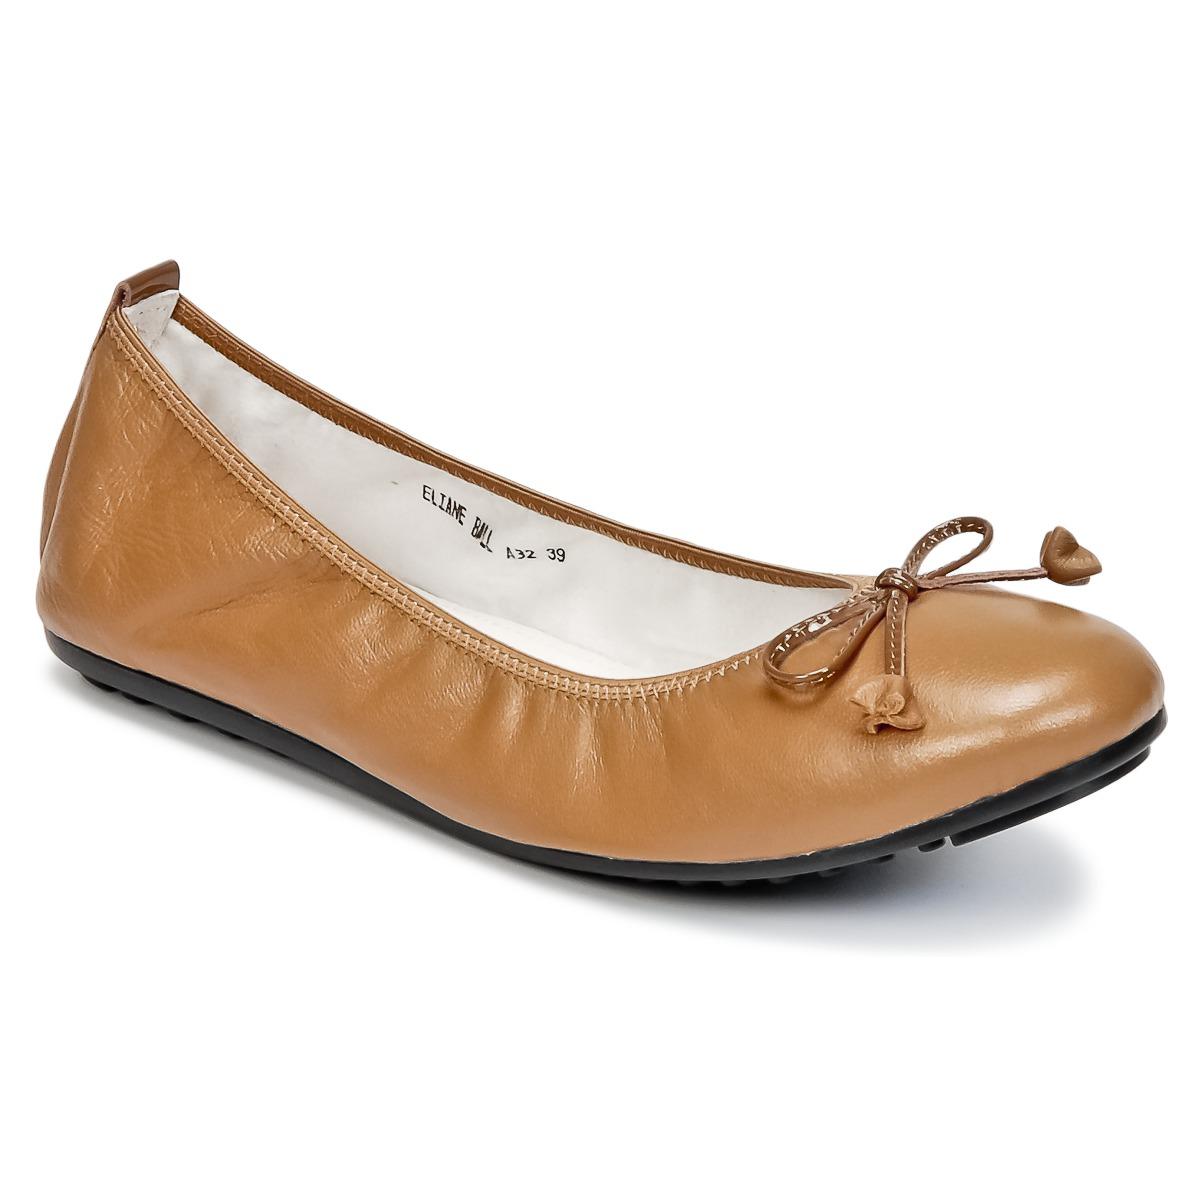 Mac Douglas ELIANE Braun - Kostenloser Versand bei Spartoode ! - Schuhe Ballerinas Damen 62,29 €